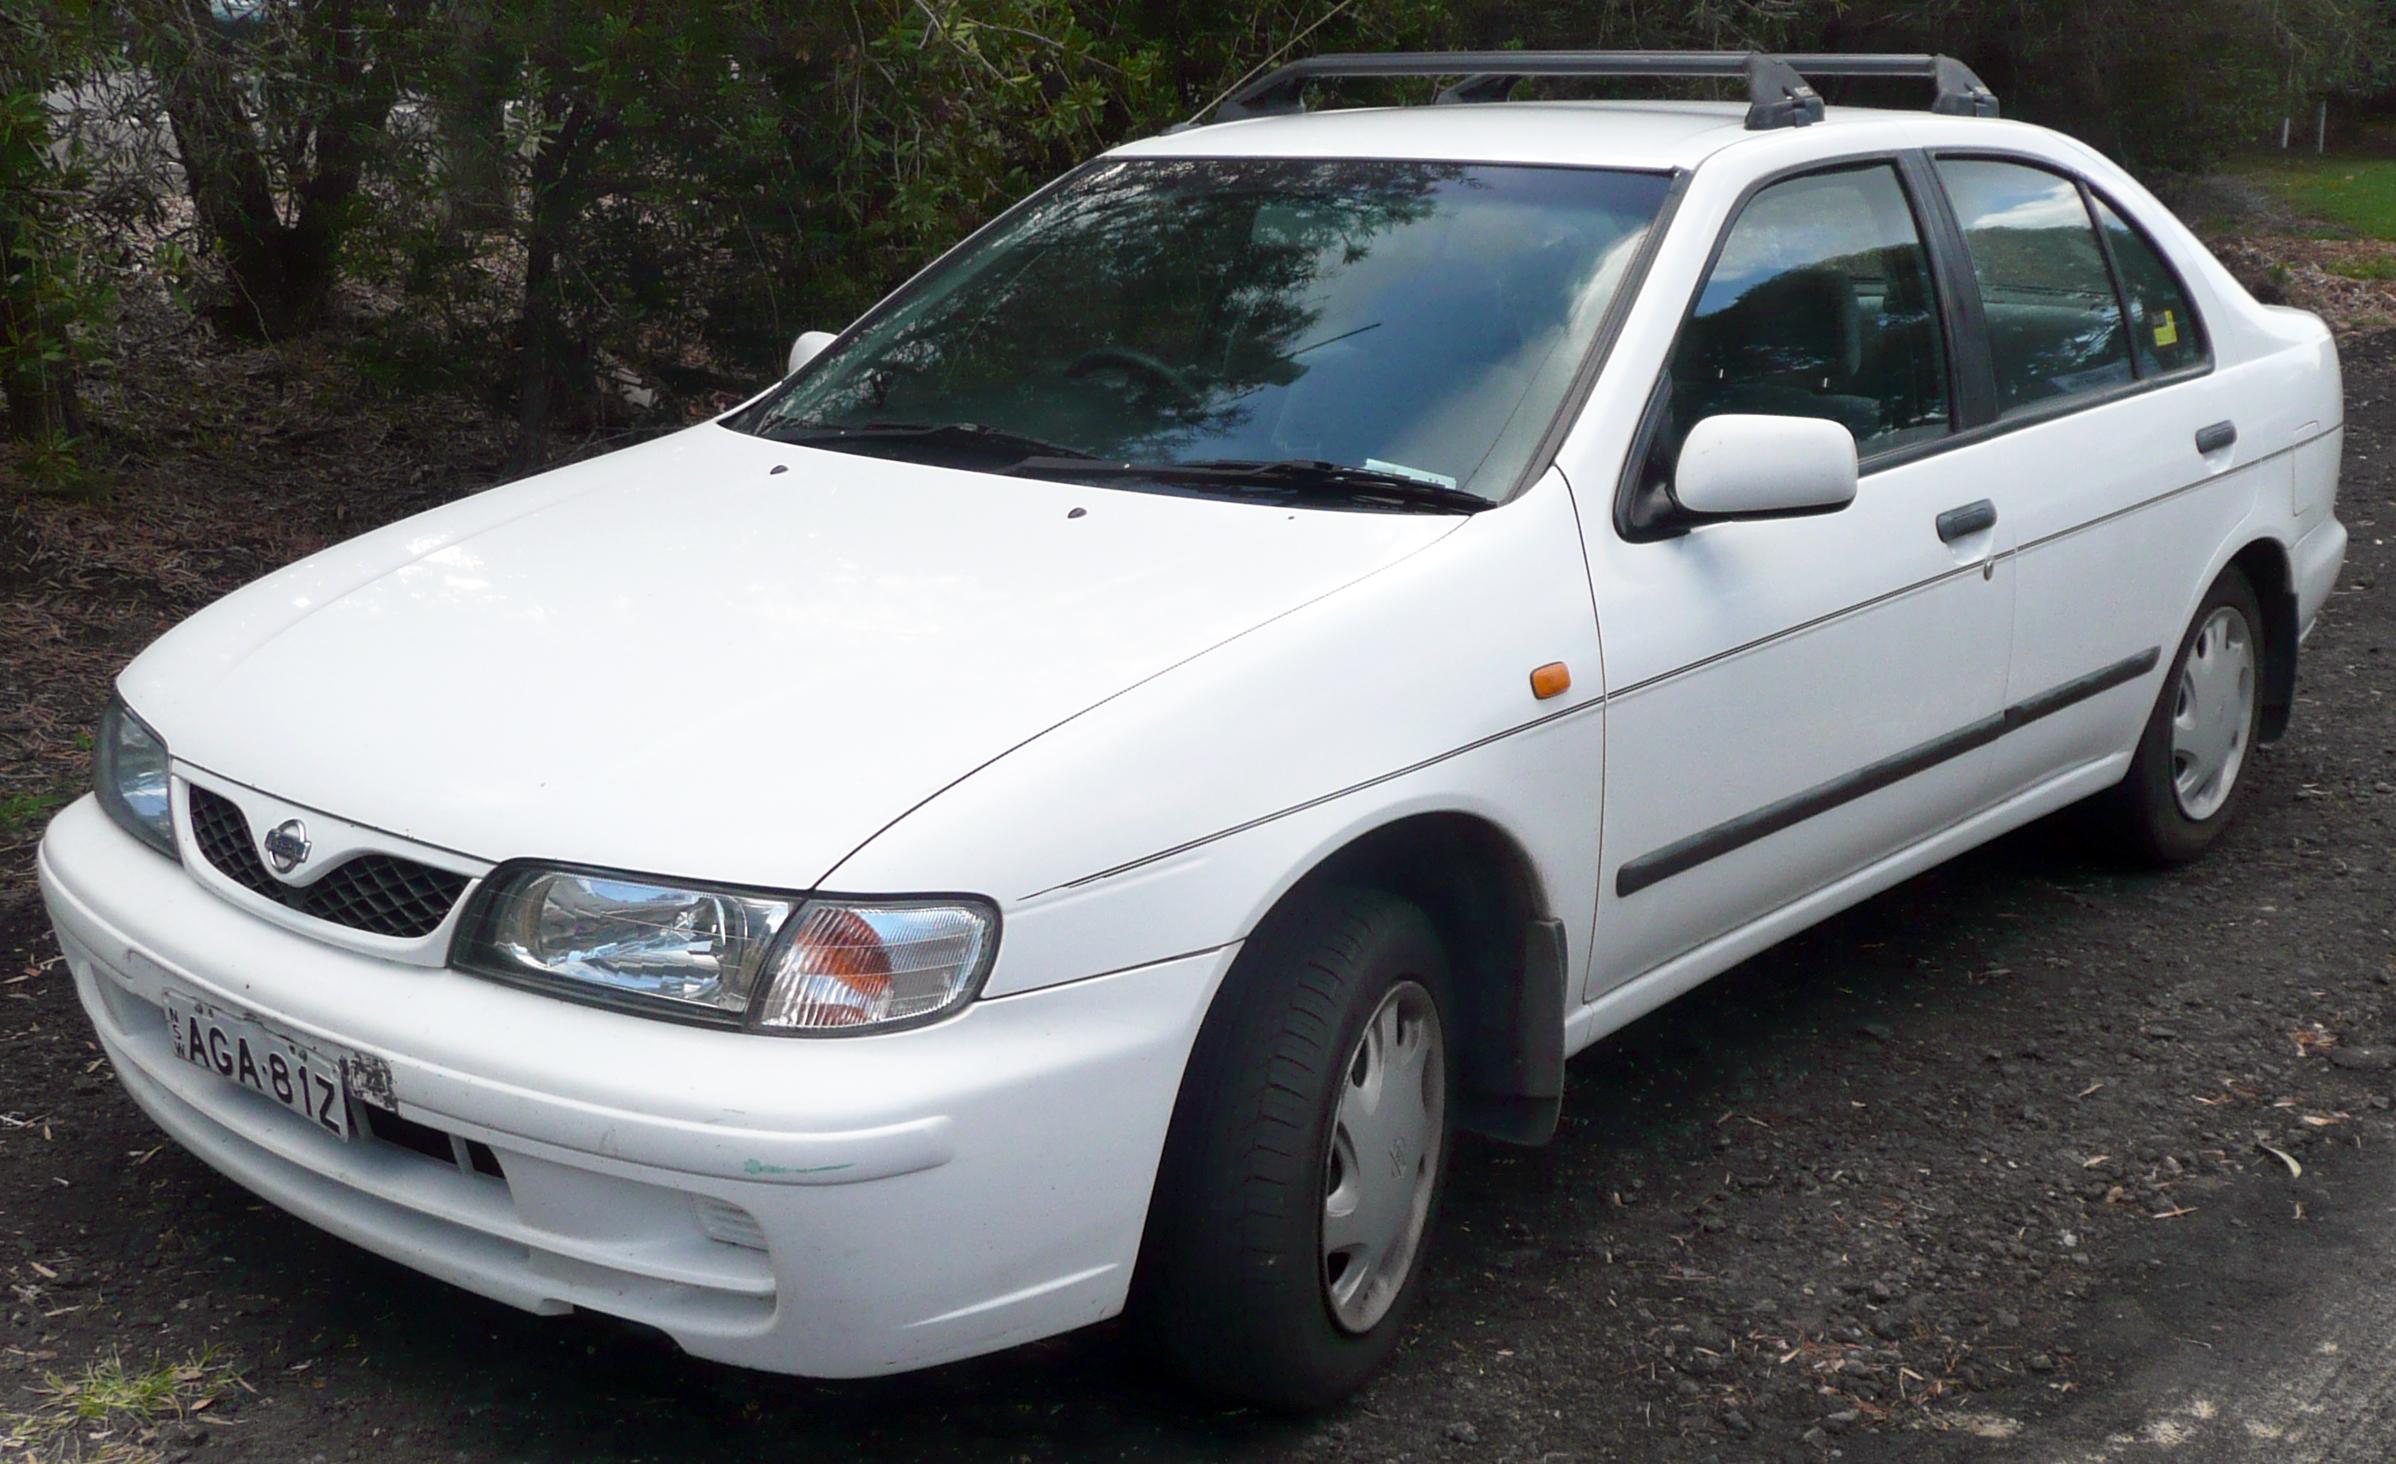 nissan pulsar v n15 1995 2000 sedan outstanding cars rh carsot com nissan pulsar sss n15 manual nissan pulsar n15 workshop manual download